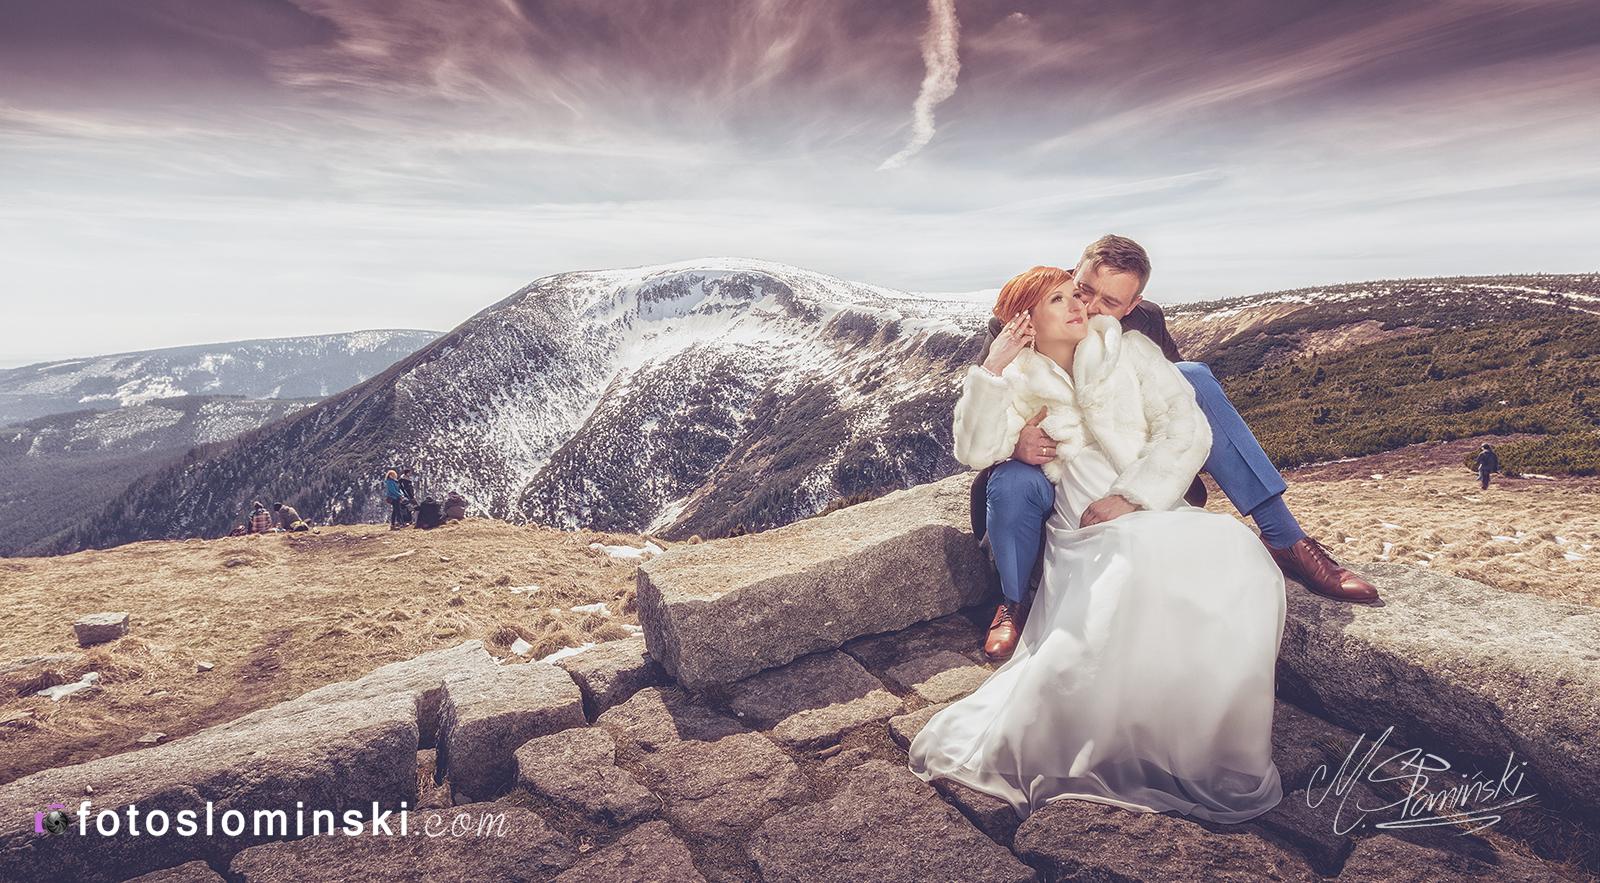 Sesja ślubna w Górach - Śnieżka, Karpacz. Majówka 2016 - Fotografia ślubna fotoslominski.pl